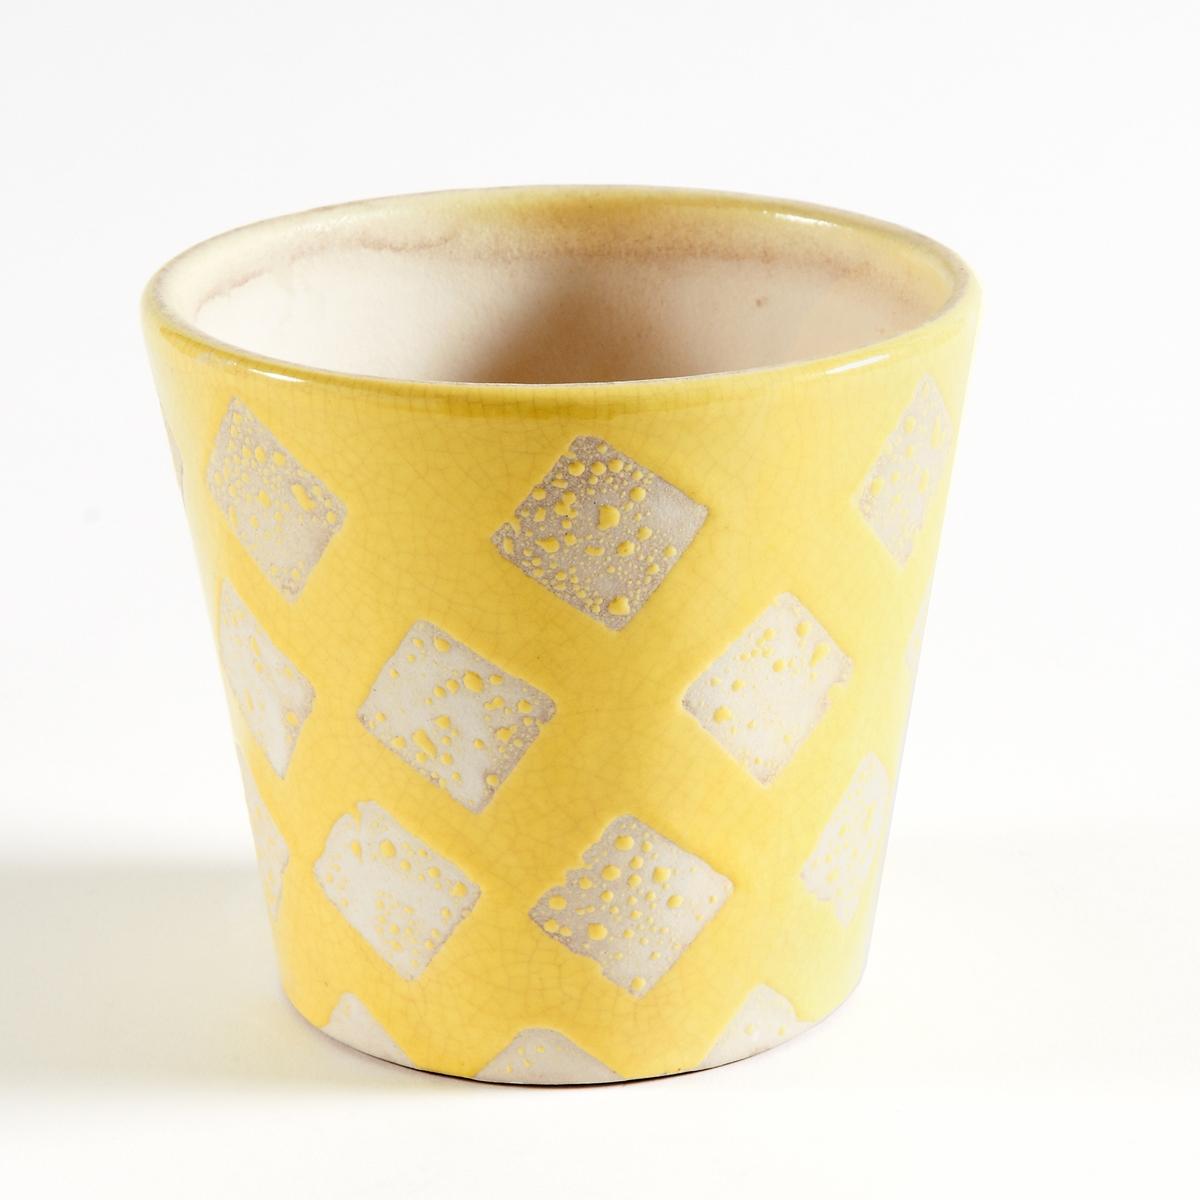 Кашпо из керамики, покрытой глазурью, EtnimaКашпо Etnima придаст яркий стиль благодаря этническим рисункам по периметру. Характеристики круглого кашпо из керамики Etnima :Круглое кашпо из керамики, покрытой глазурью, с этническим рисунком.Размеры круглого кашпо из керамики Etnima :Размеры : диаметр 14 x высота 12,5 см.<br><br>Цвет: желтый,зеленый,оранжевый,светло-розовый,синий,темно-розовый<br>Размер: единый размер.единый размер.единый размер.единый размер